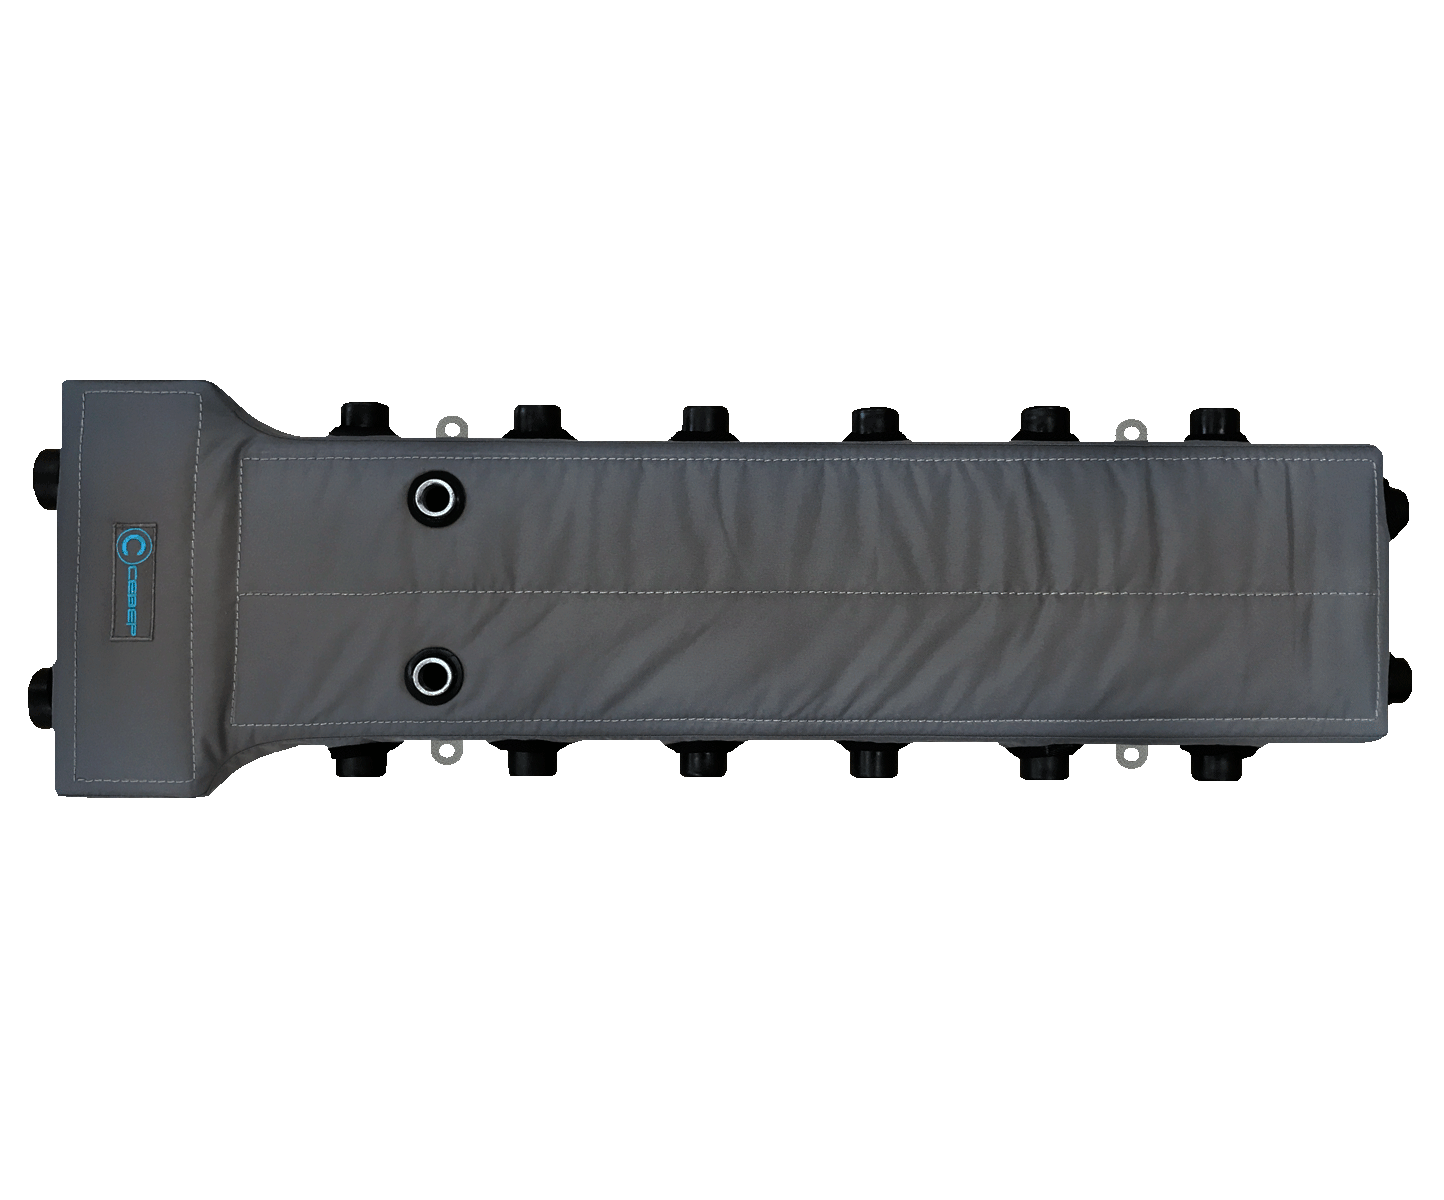 Теплоизоляция, теплоизоляционный чехол для гидрообвязки Север М7